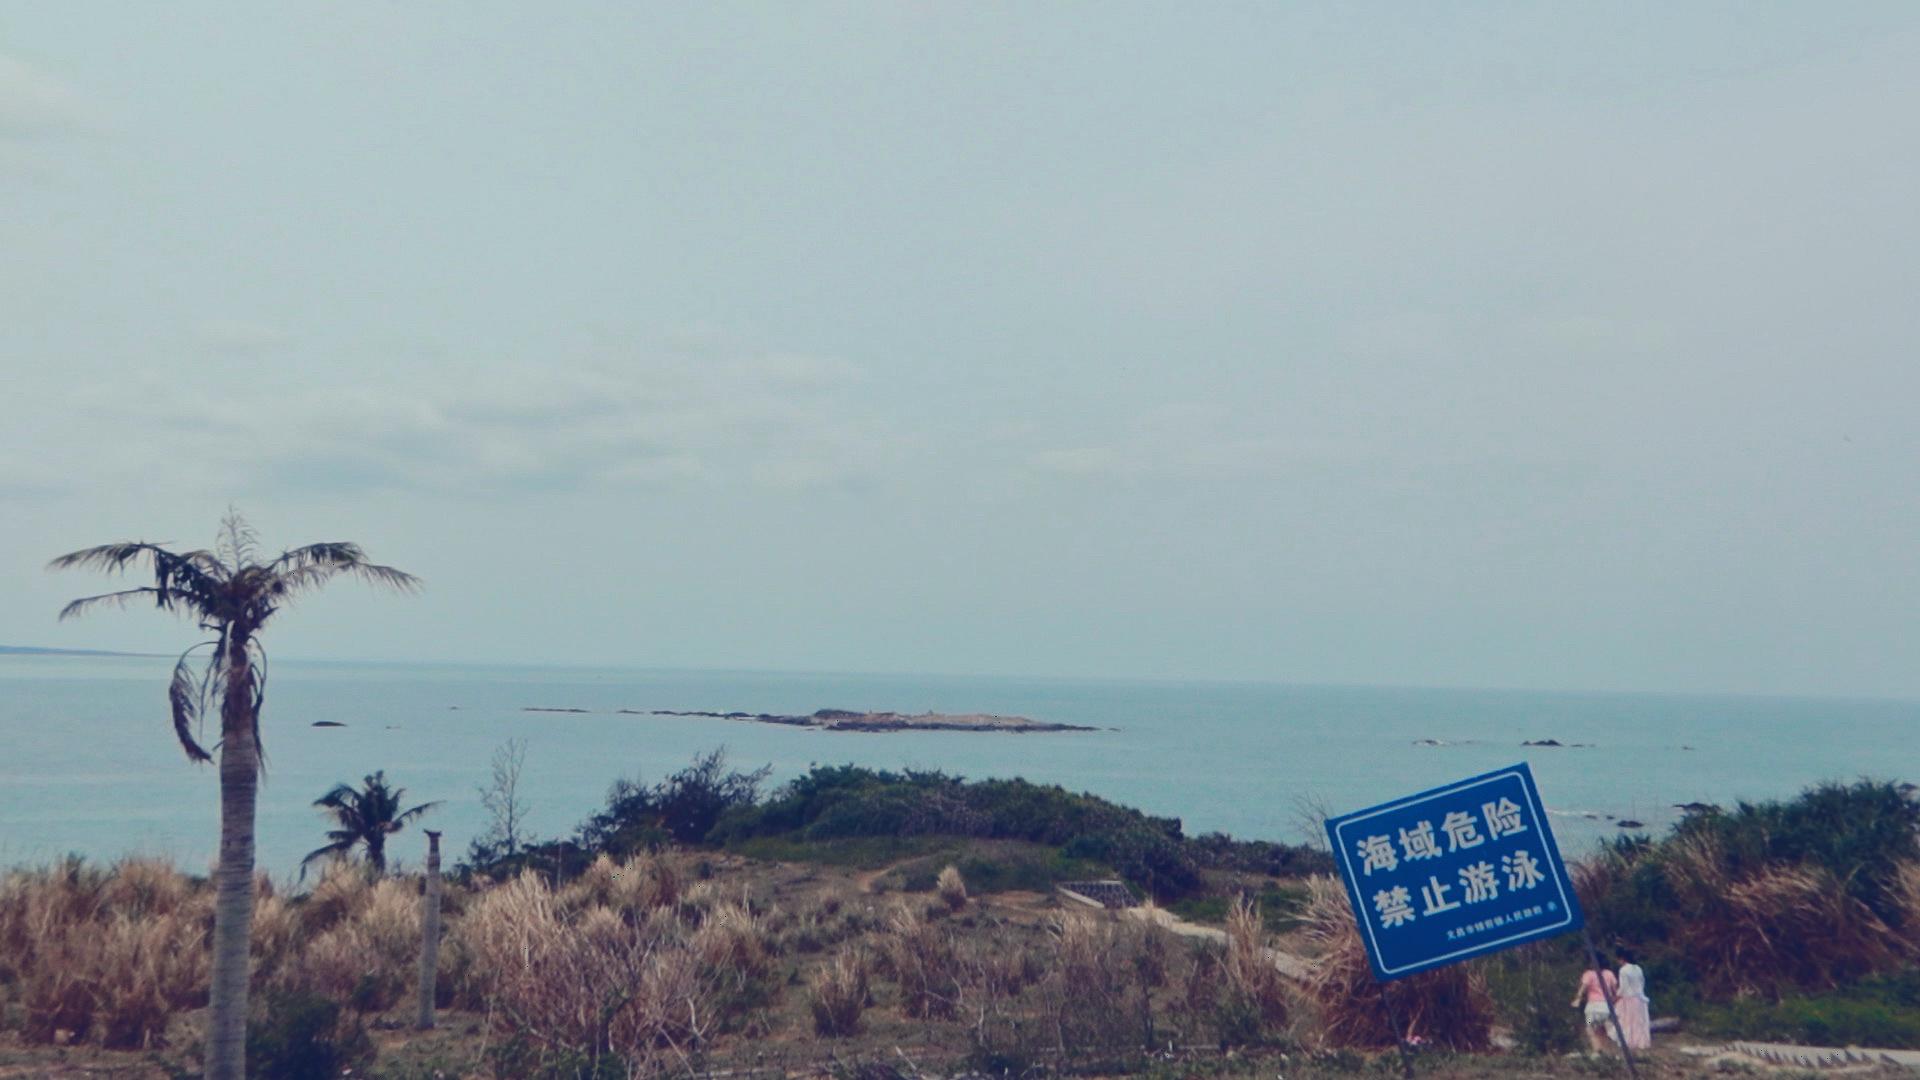 文昌|铺前的糟粕醋、偏僻的虎威湾-胡子博客